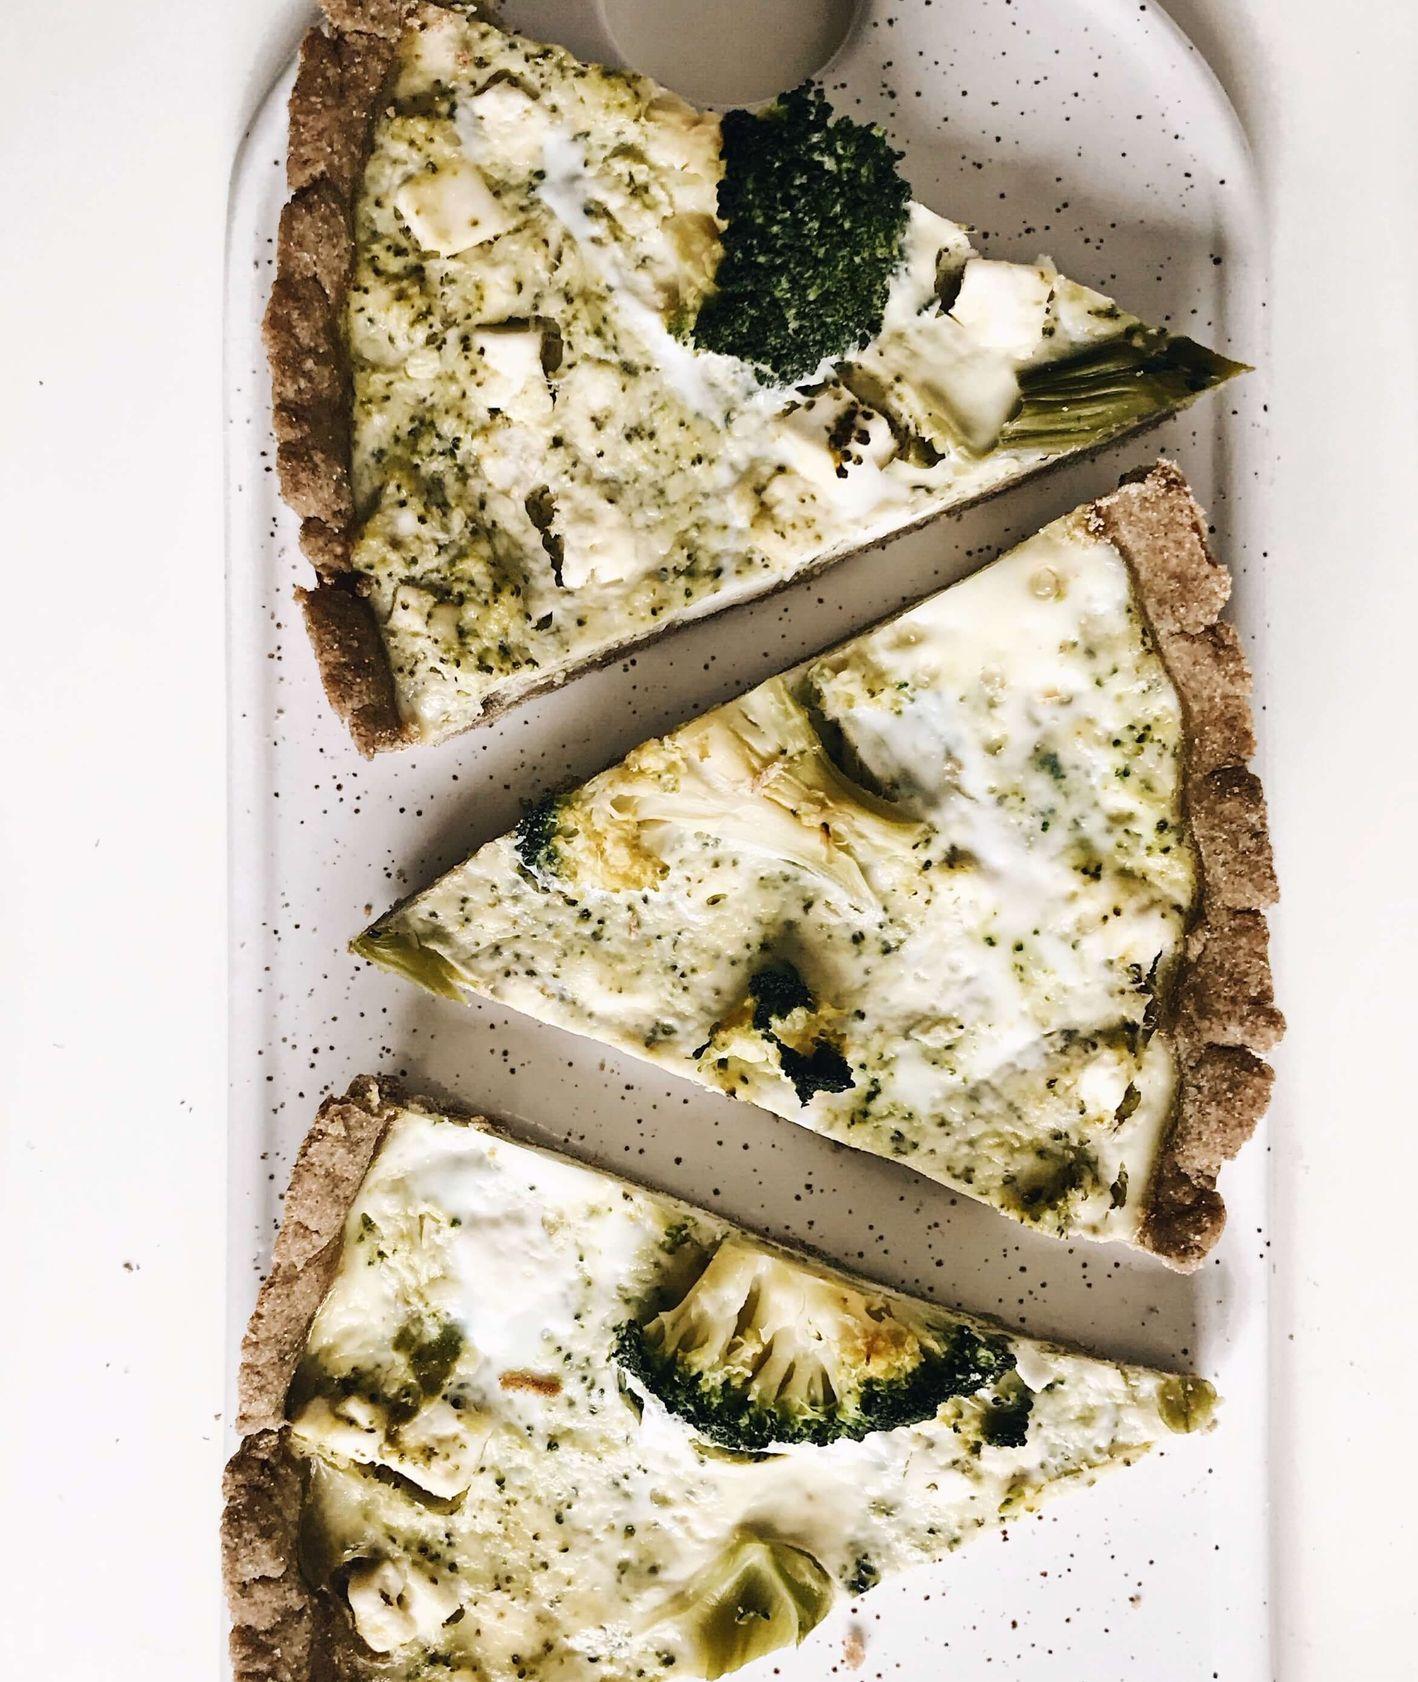 tarta żytnia z brokułami i fetą, tarta z brokułami, zdrowa tarta z brokułami, tarta, kruche ciasto żytnie, prostu obiad, obiad z piekarnika